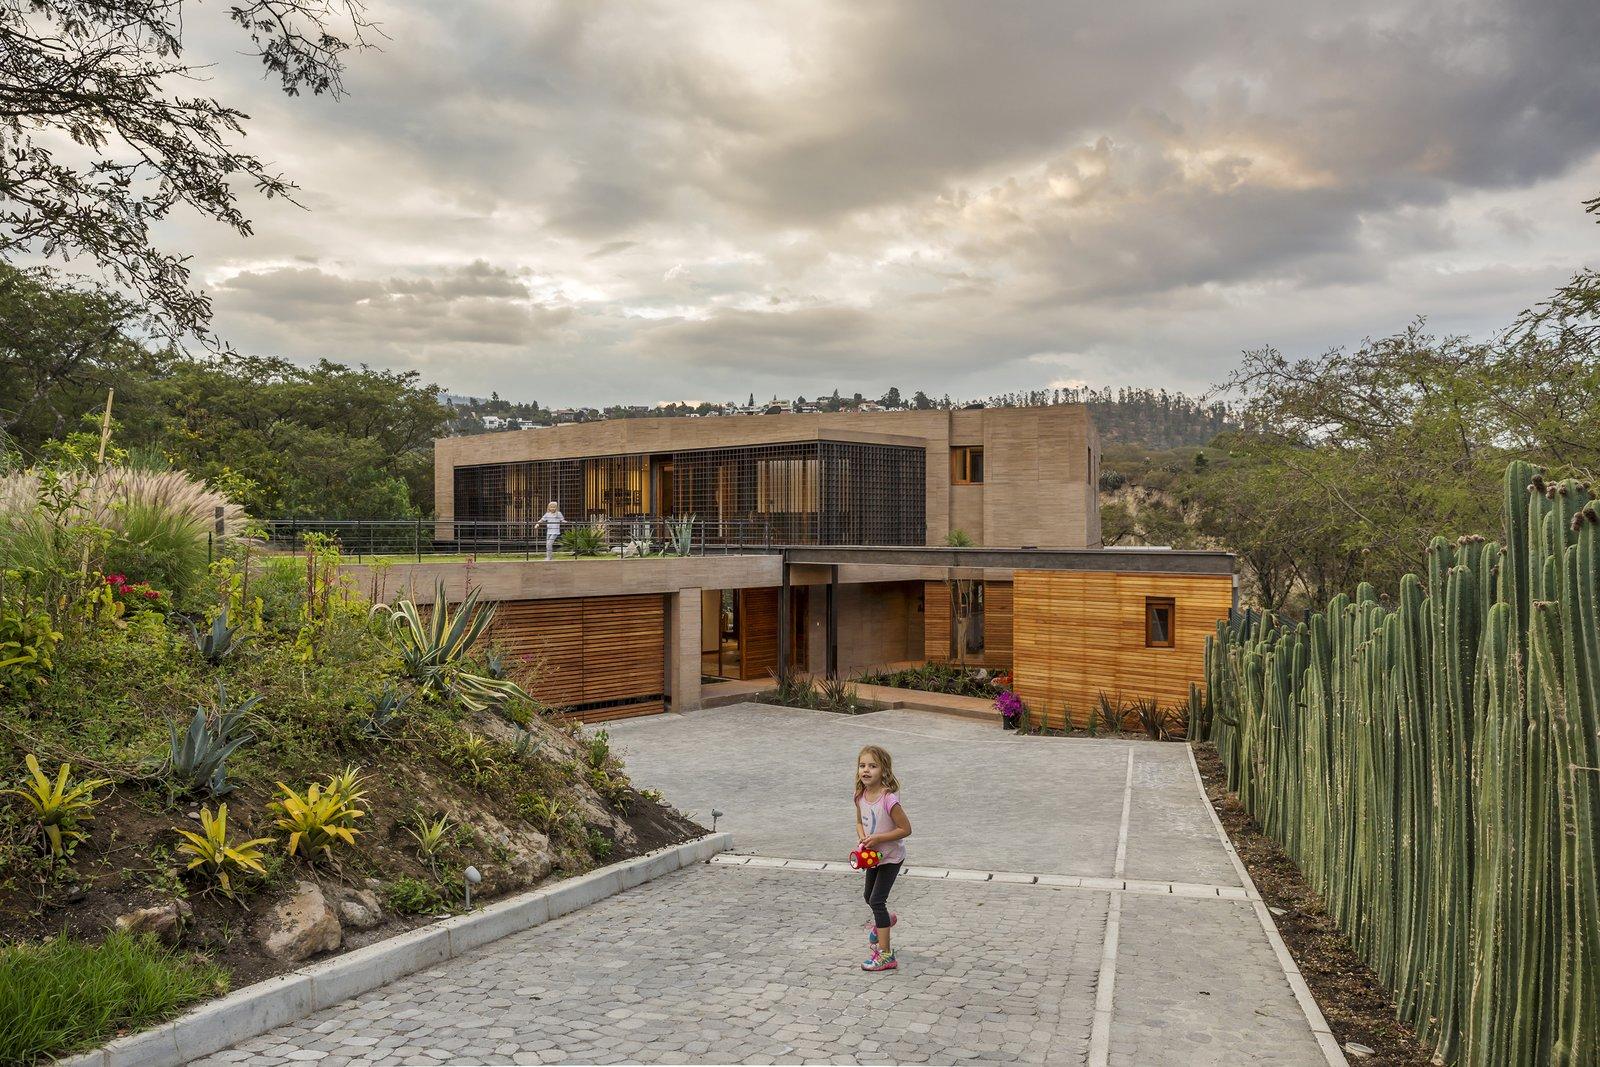 Exterior, House Building Type, Wood Siding Material, Concrete Siding Material, and Metal Siding Material  La casa en la quebrada by DIEZ + MULLER ARQUITECTOS